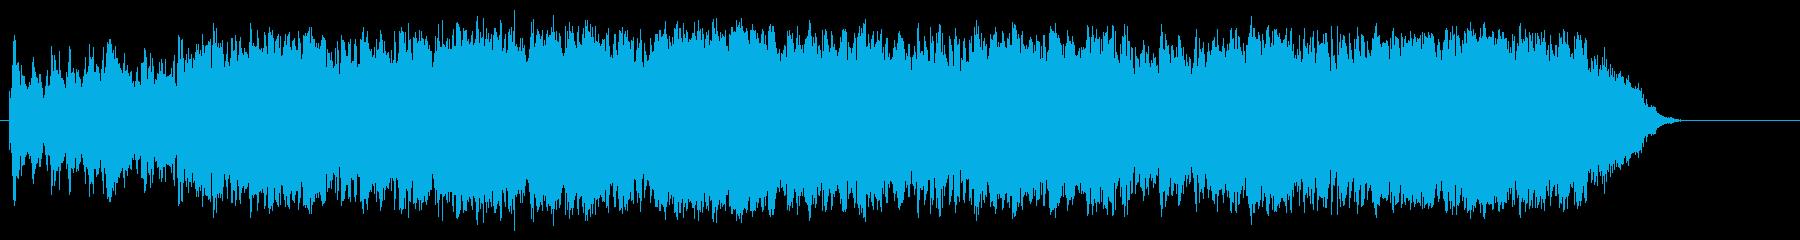 重厚なマイナードキュメント/オーケストラの再生済みの波形